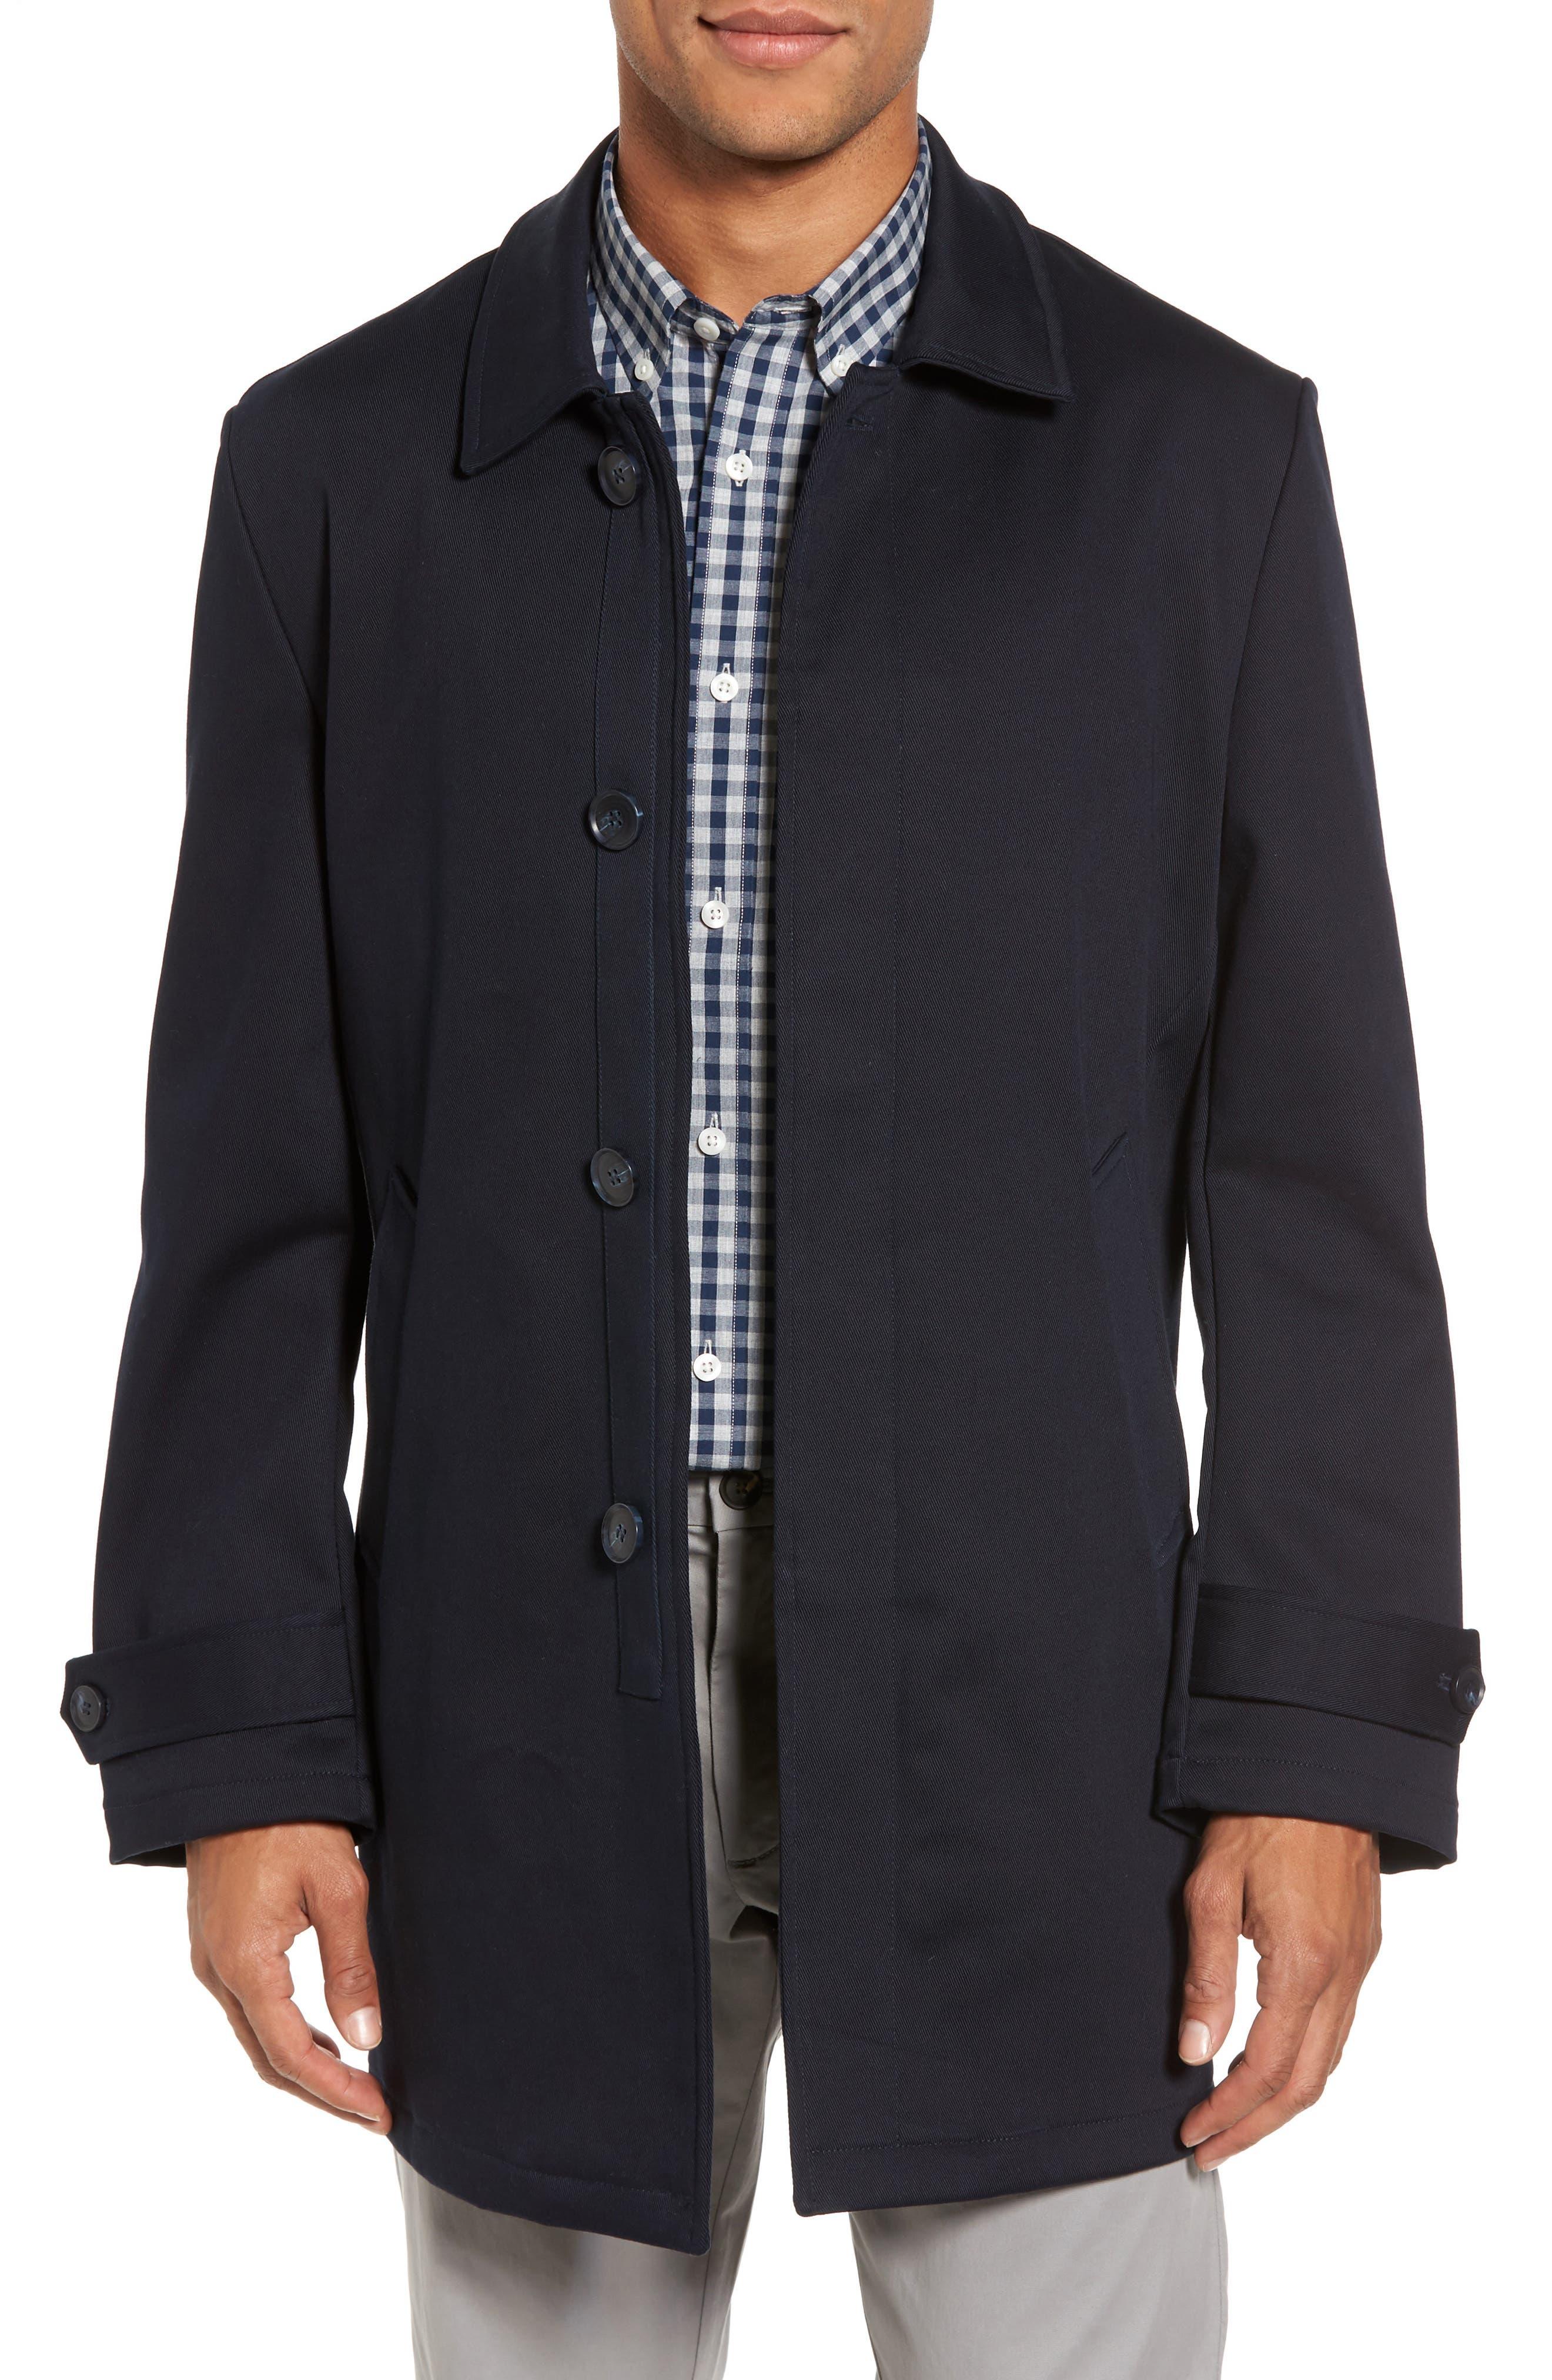 Grayson Stretch Cotton Blend Car Coat,                             Main thumbnail 1, color,